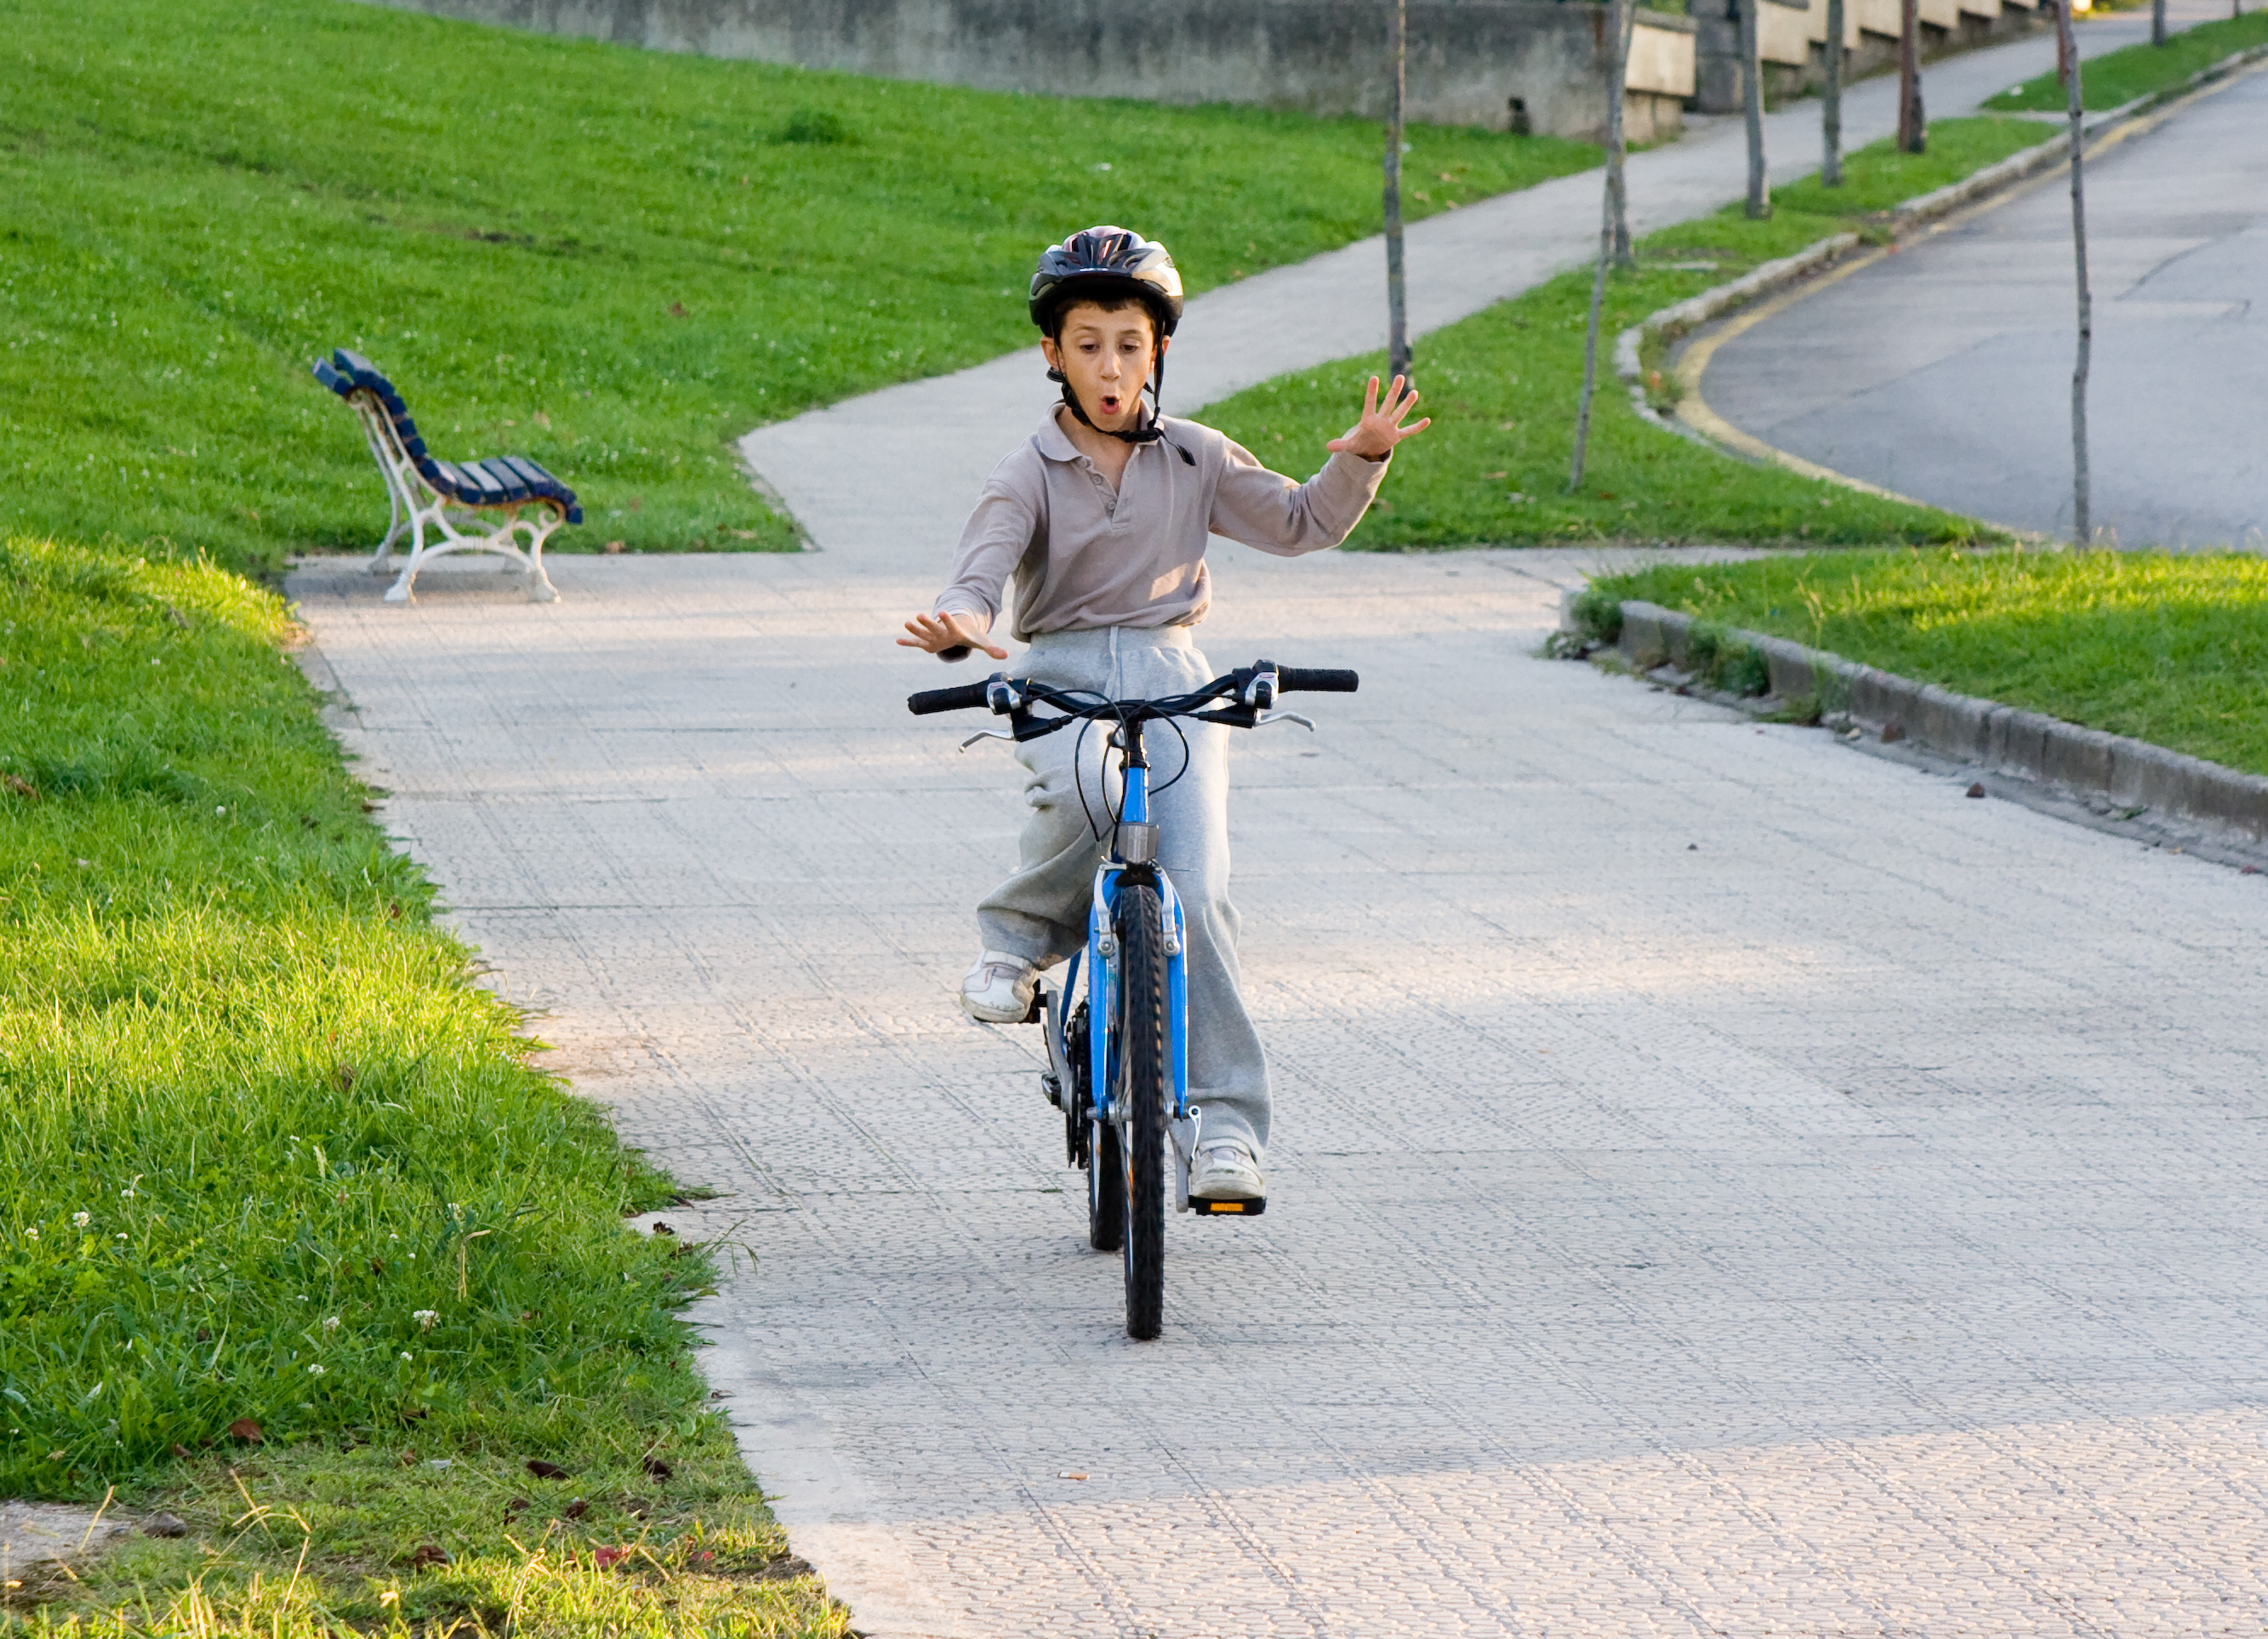 Kid Bike Meme Women And Bike